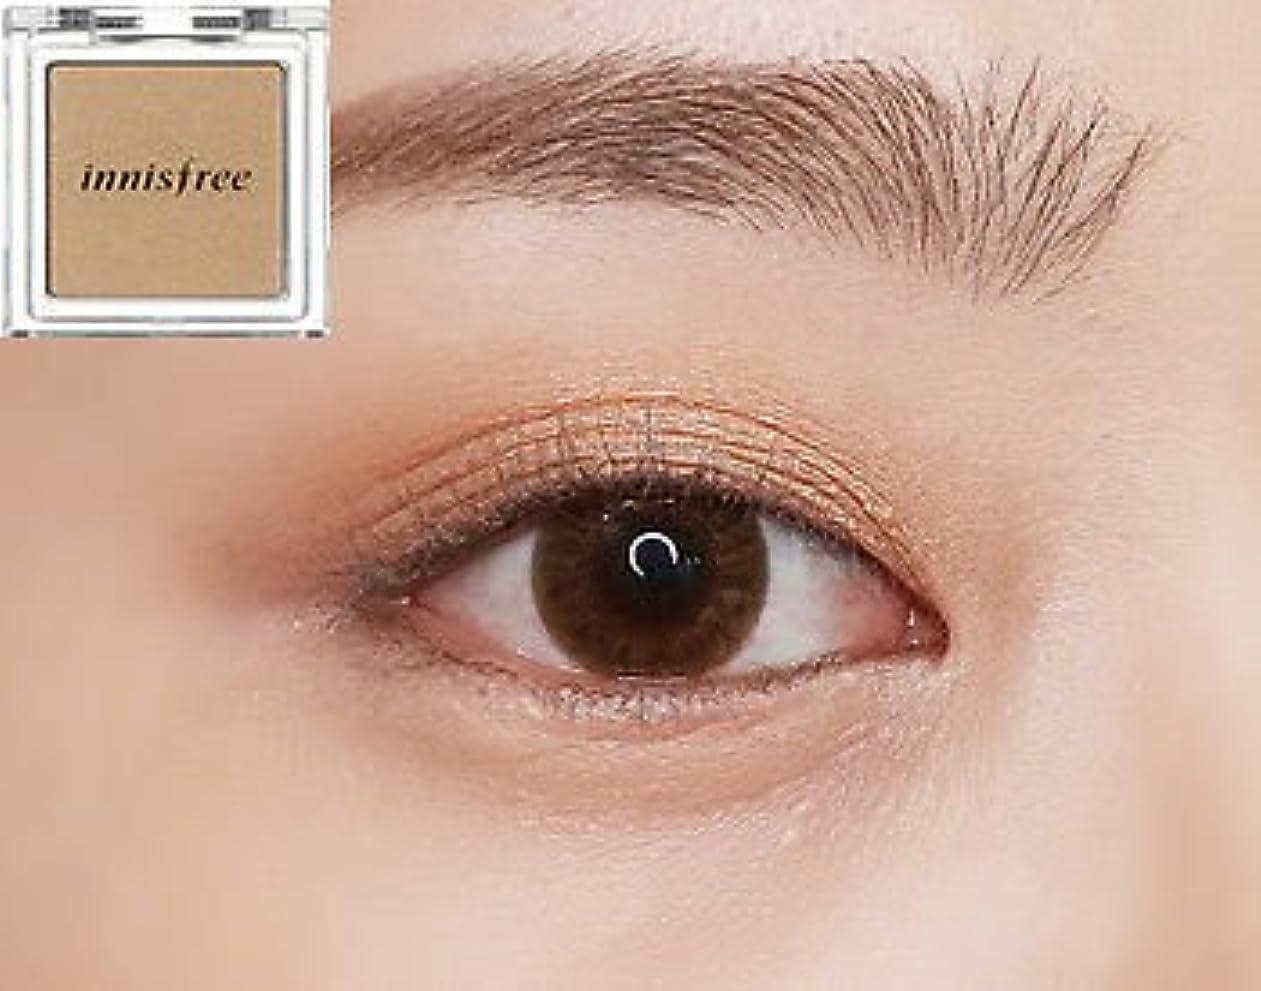 徒歩で連続した解説[イニスフリー] innisfree [マイ パレット マイ アイシャドウ (シマ一) 39カラー] MY PALETTE My Eyeshadow (Shimmer) 39 Shades [海外直送品] (シマ一 #05)